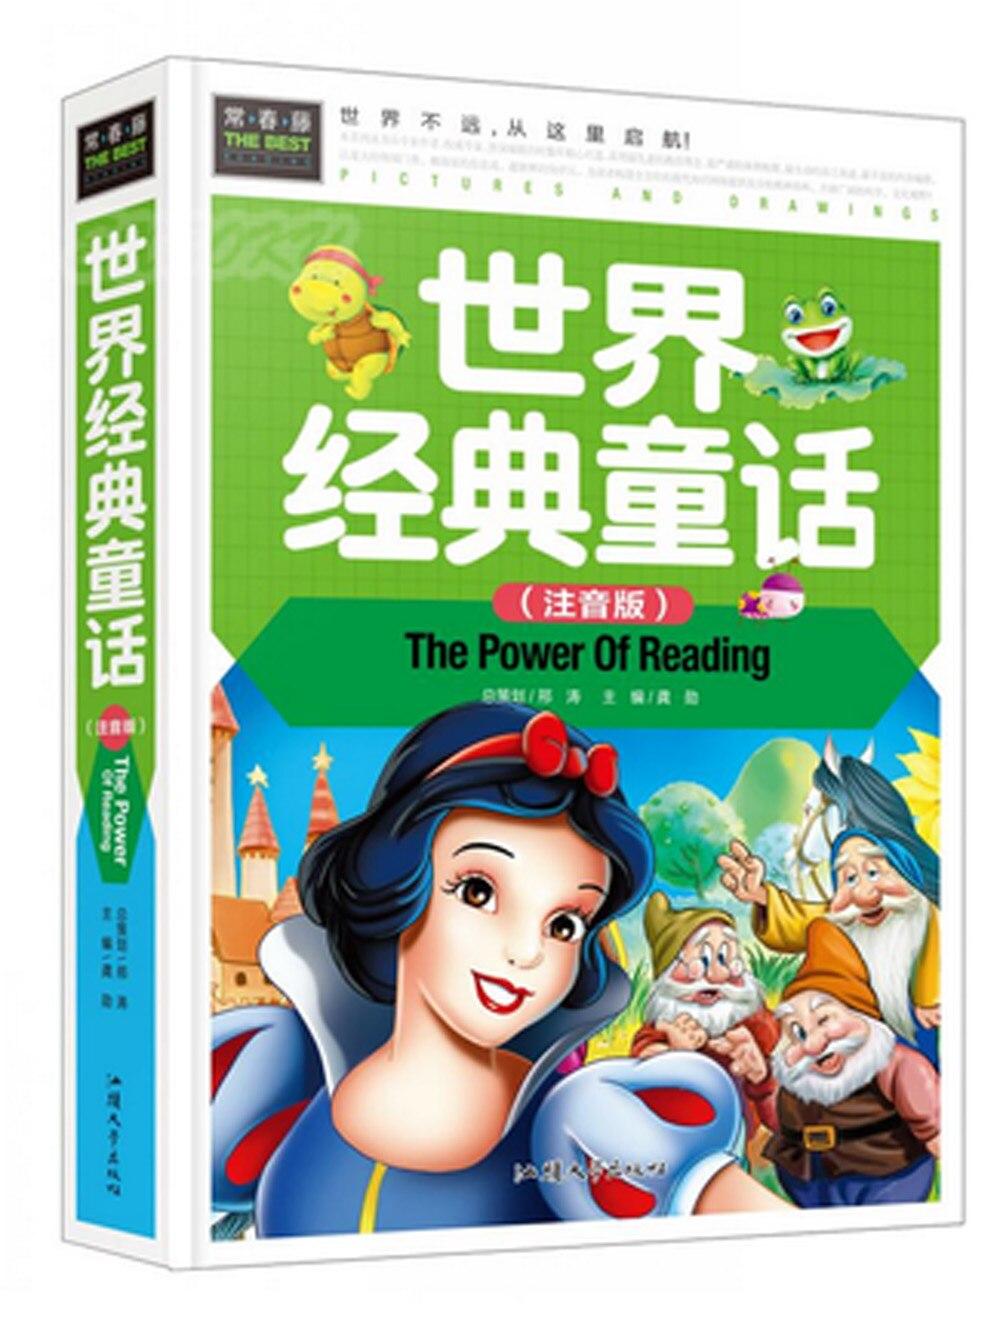 Baby Chinesischen short stories Pinyin buch kinder kinder Welt Klassische Märchen bild hanzi bücher